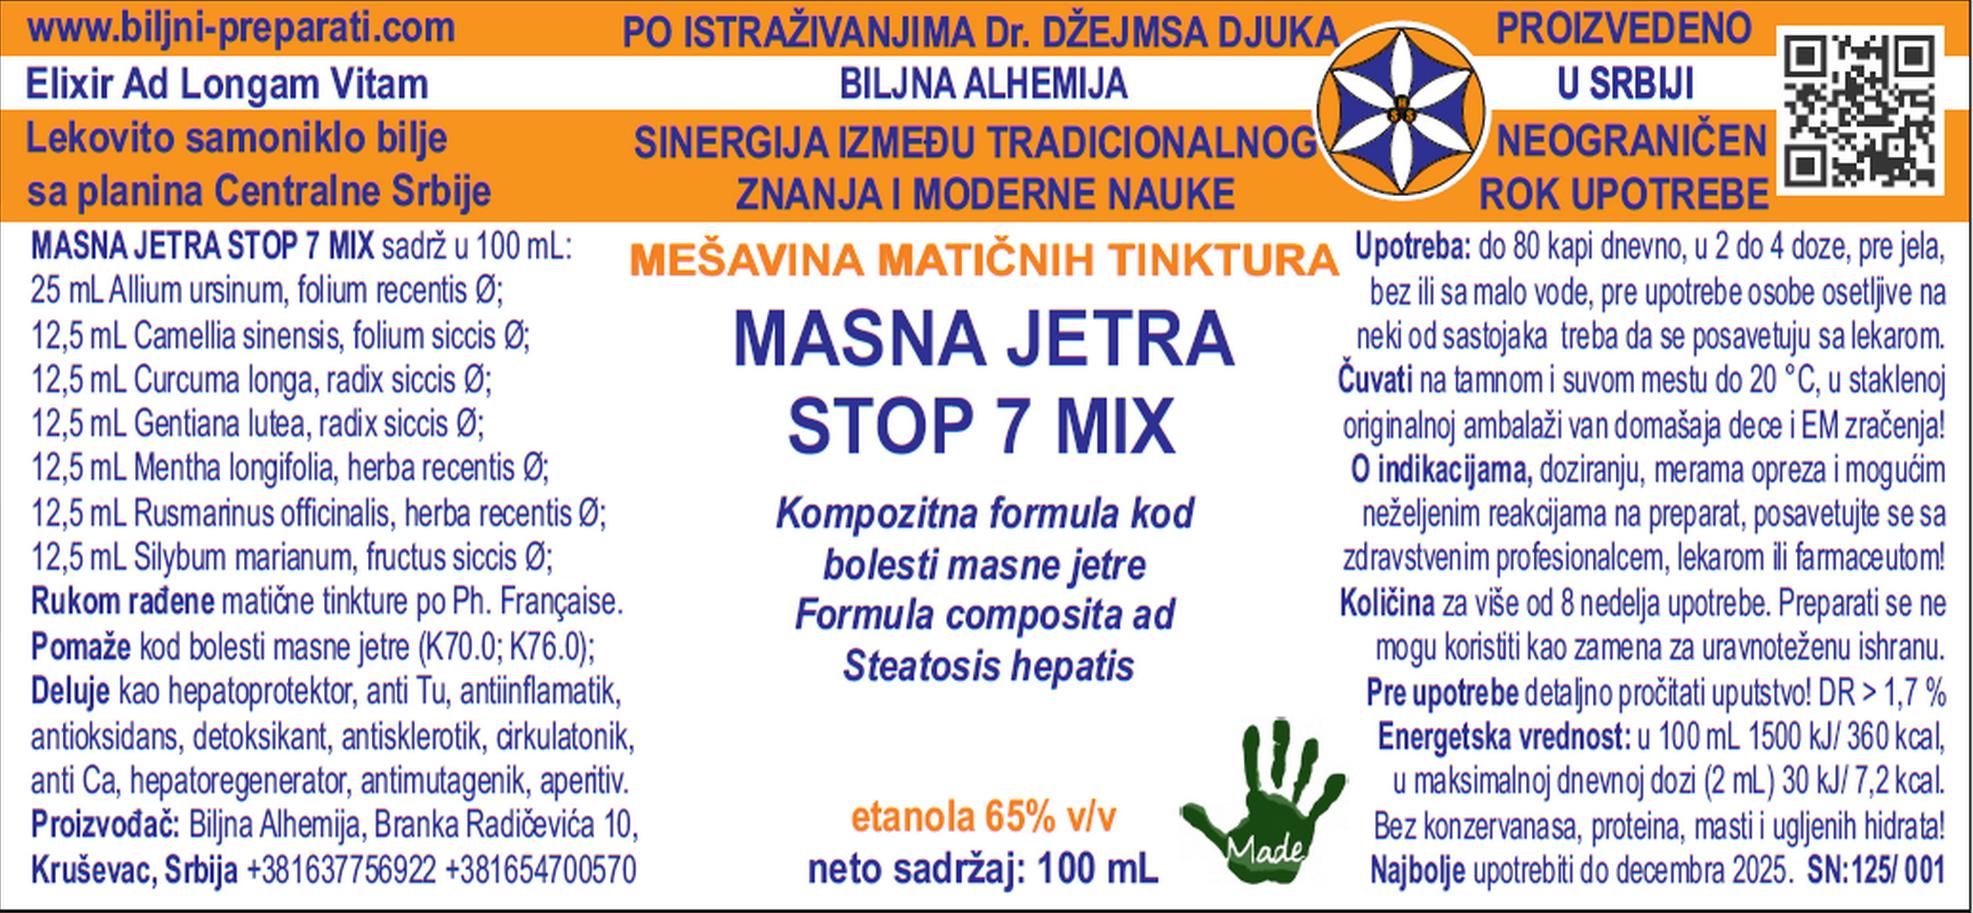 MASNA JETRA STOP 7 MIX 100